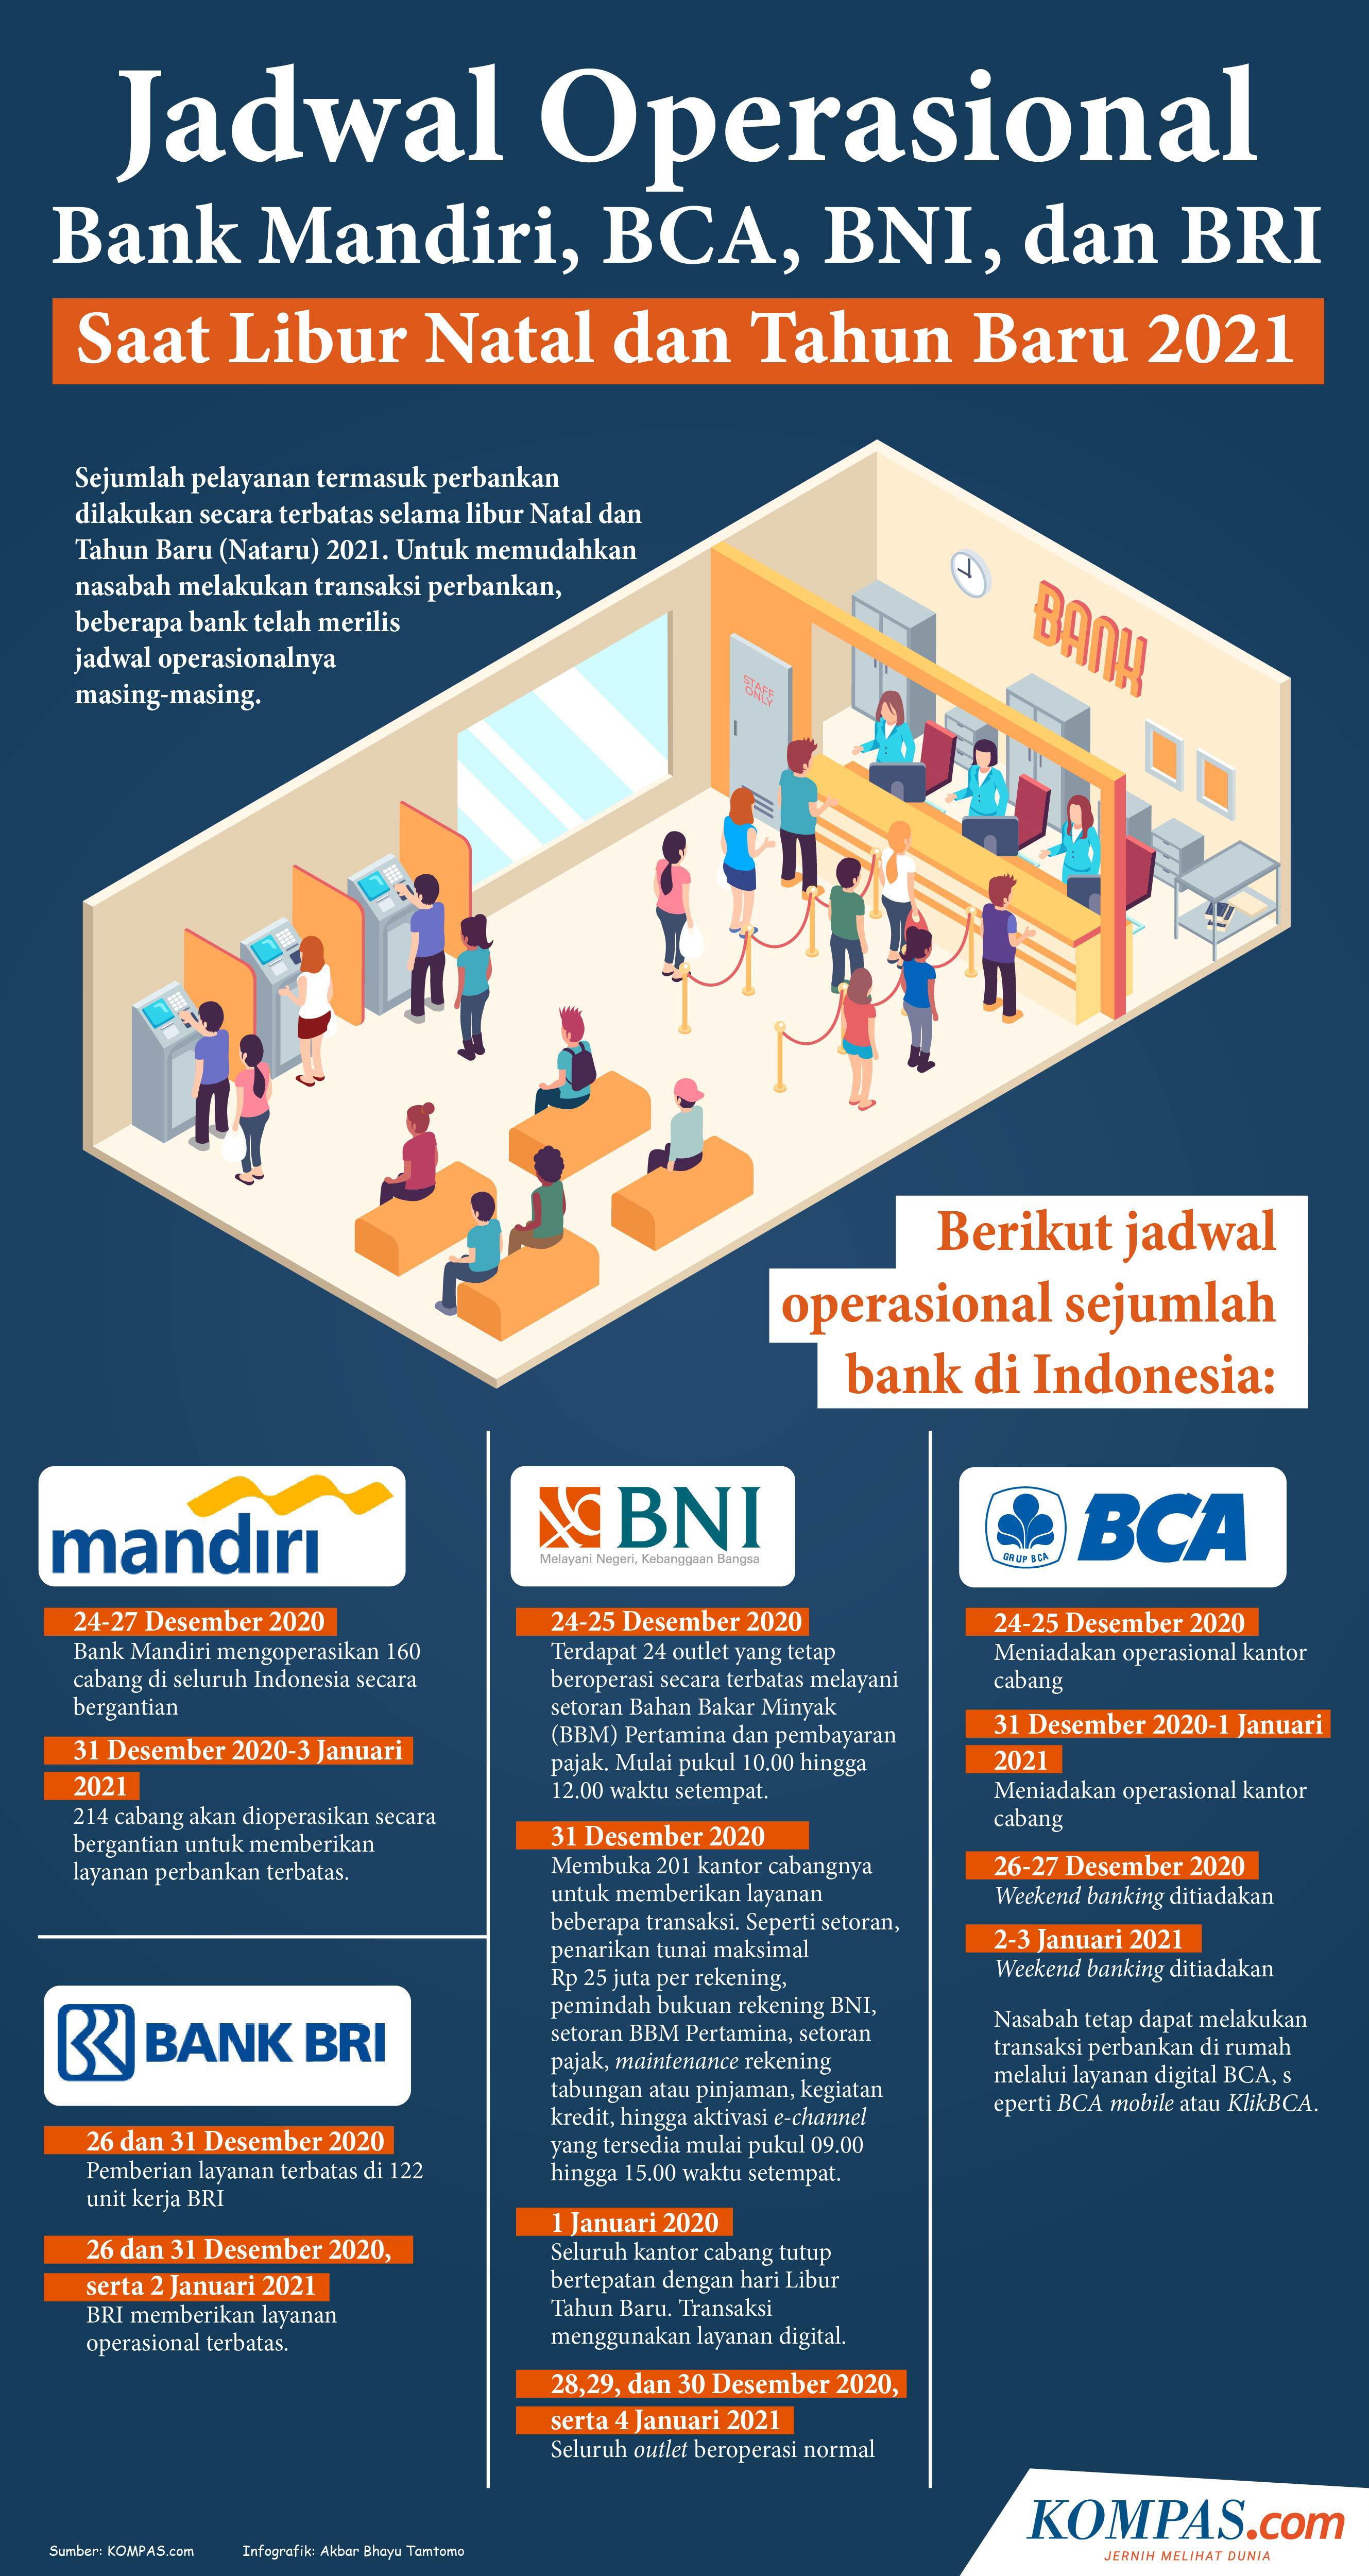 Infografik: Jadwal Operasional Bank Mandiri, BCA, BNI, dan BRI Libur Natal dan Tahun Baru 2021.